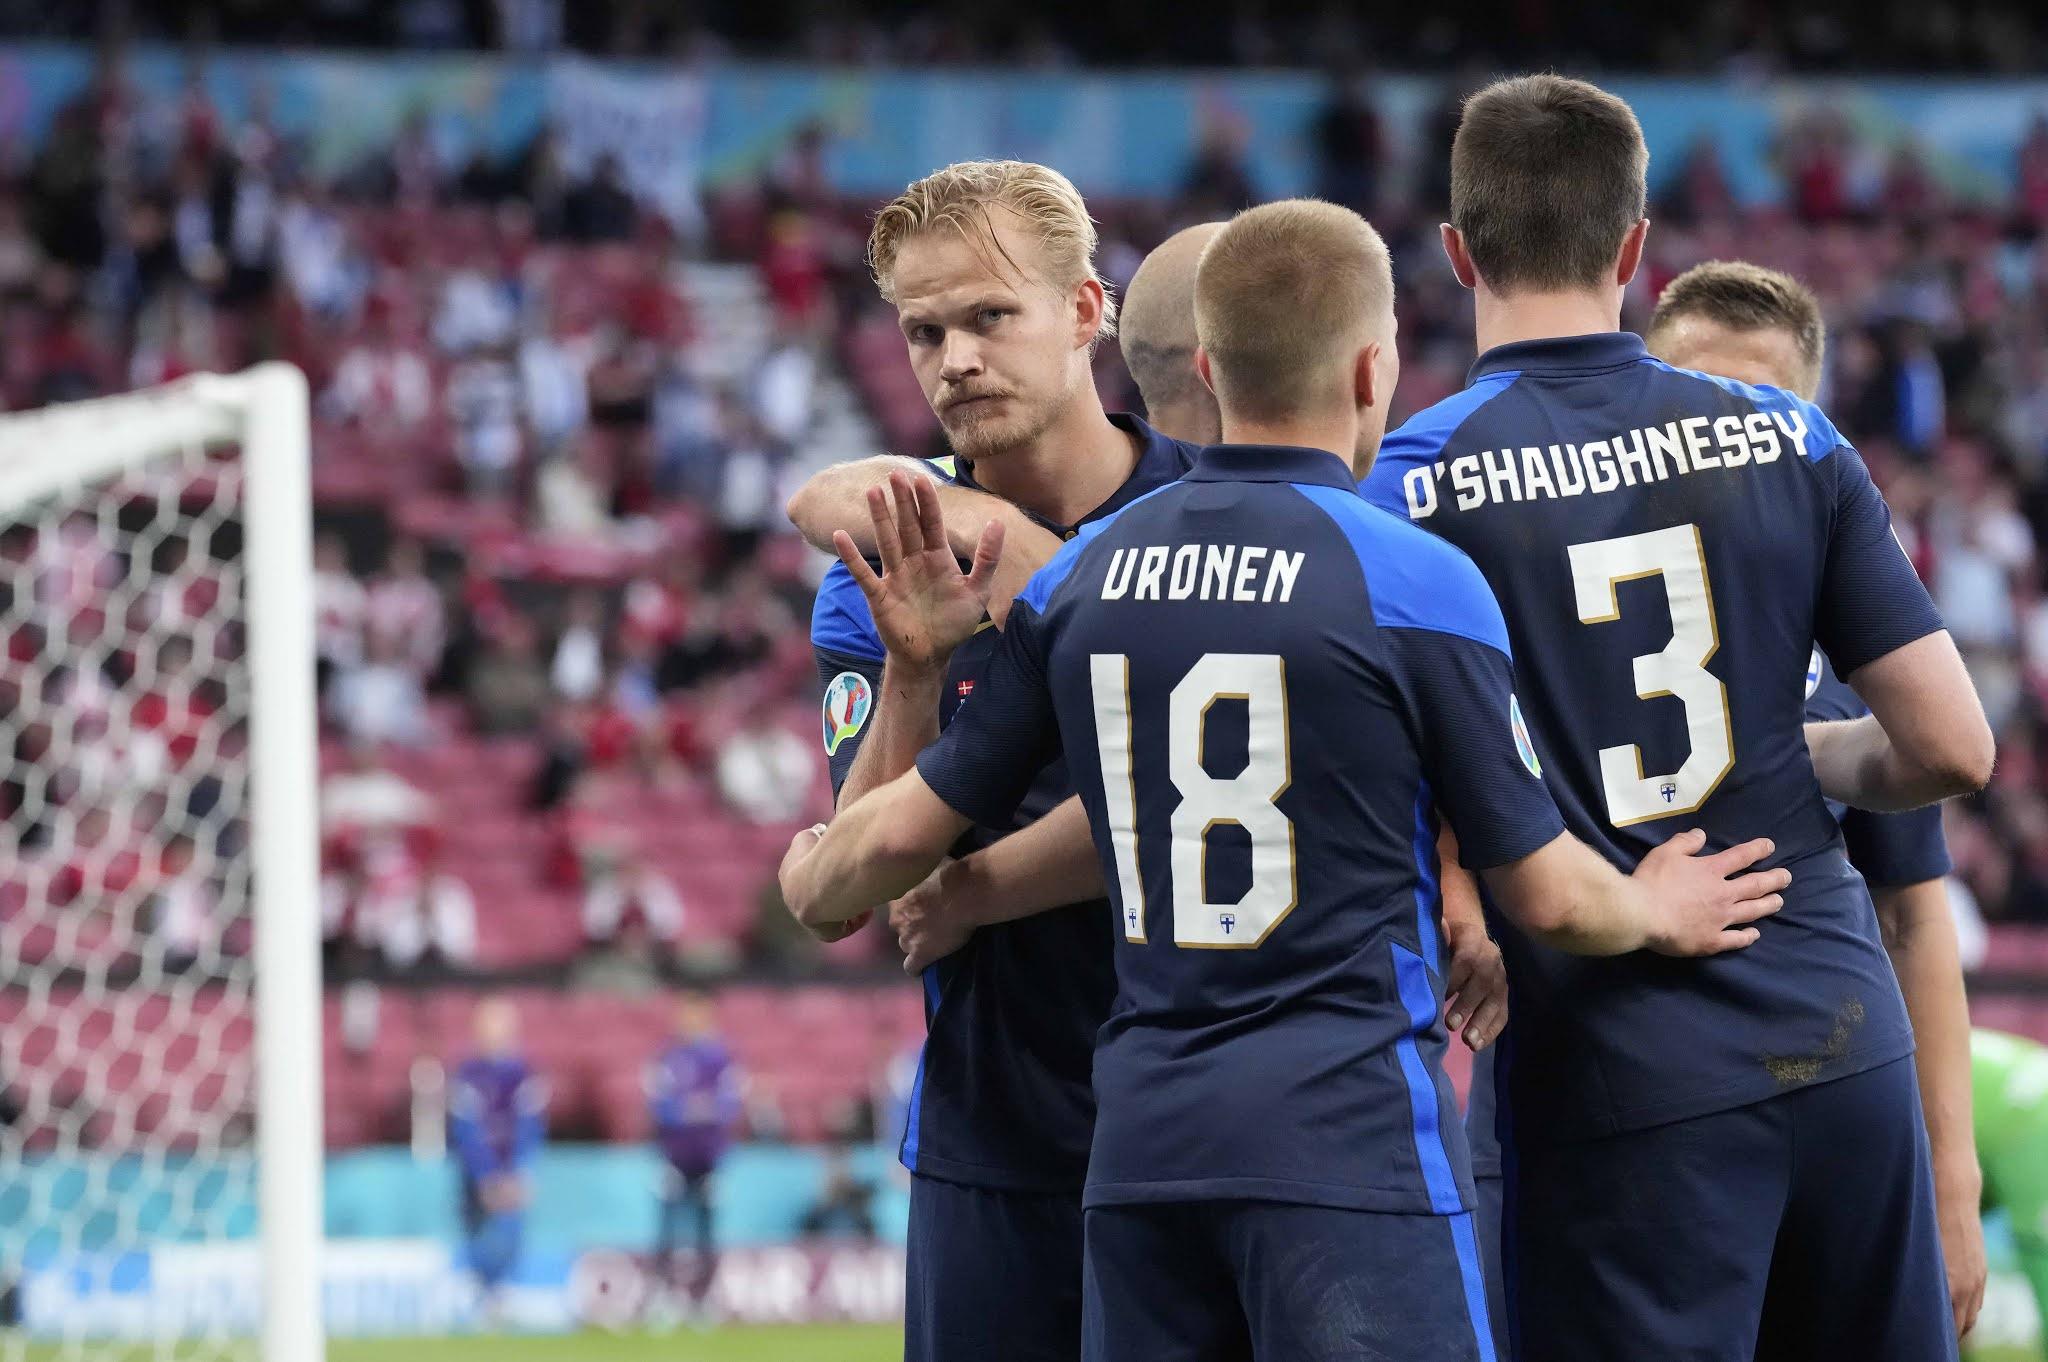 Eurocopa: Dinamarca pierde con Finlandia después de la conmoción por Eriksen